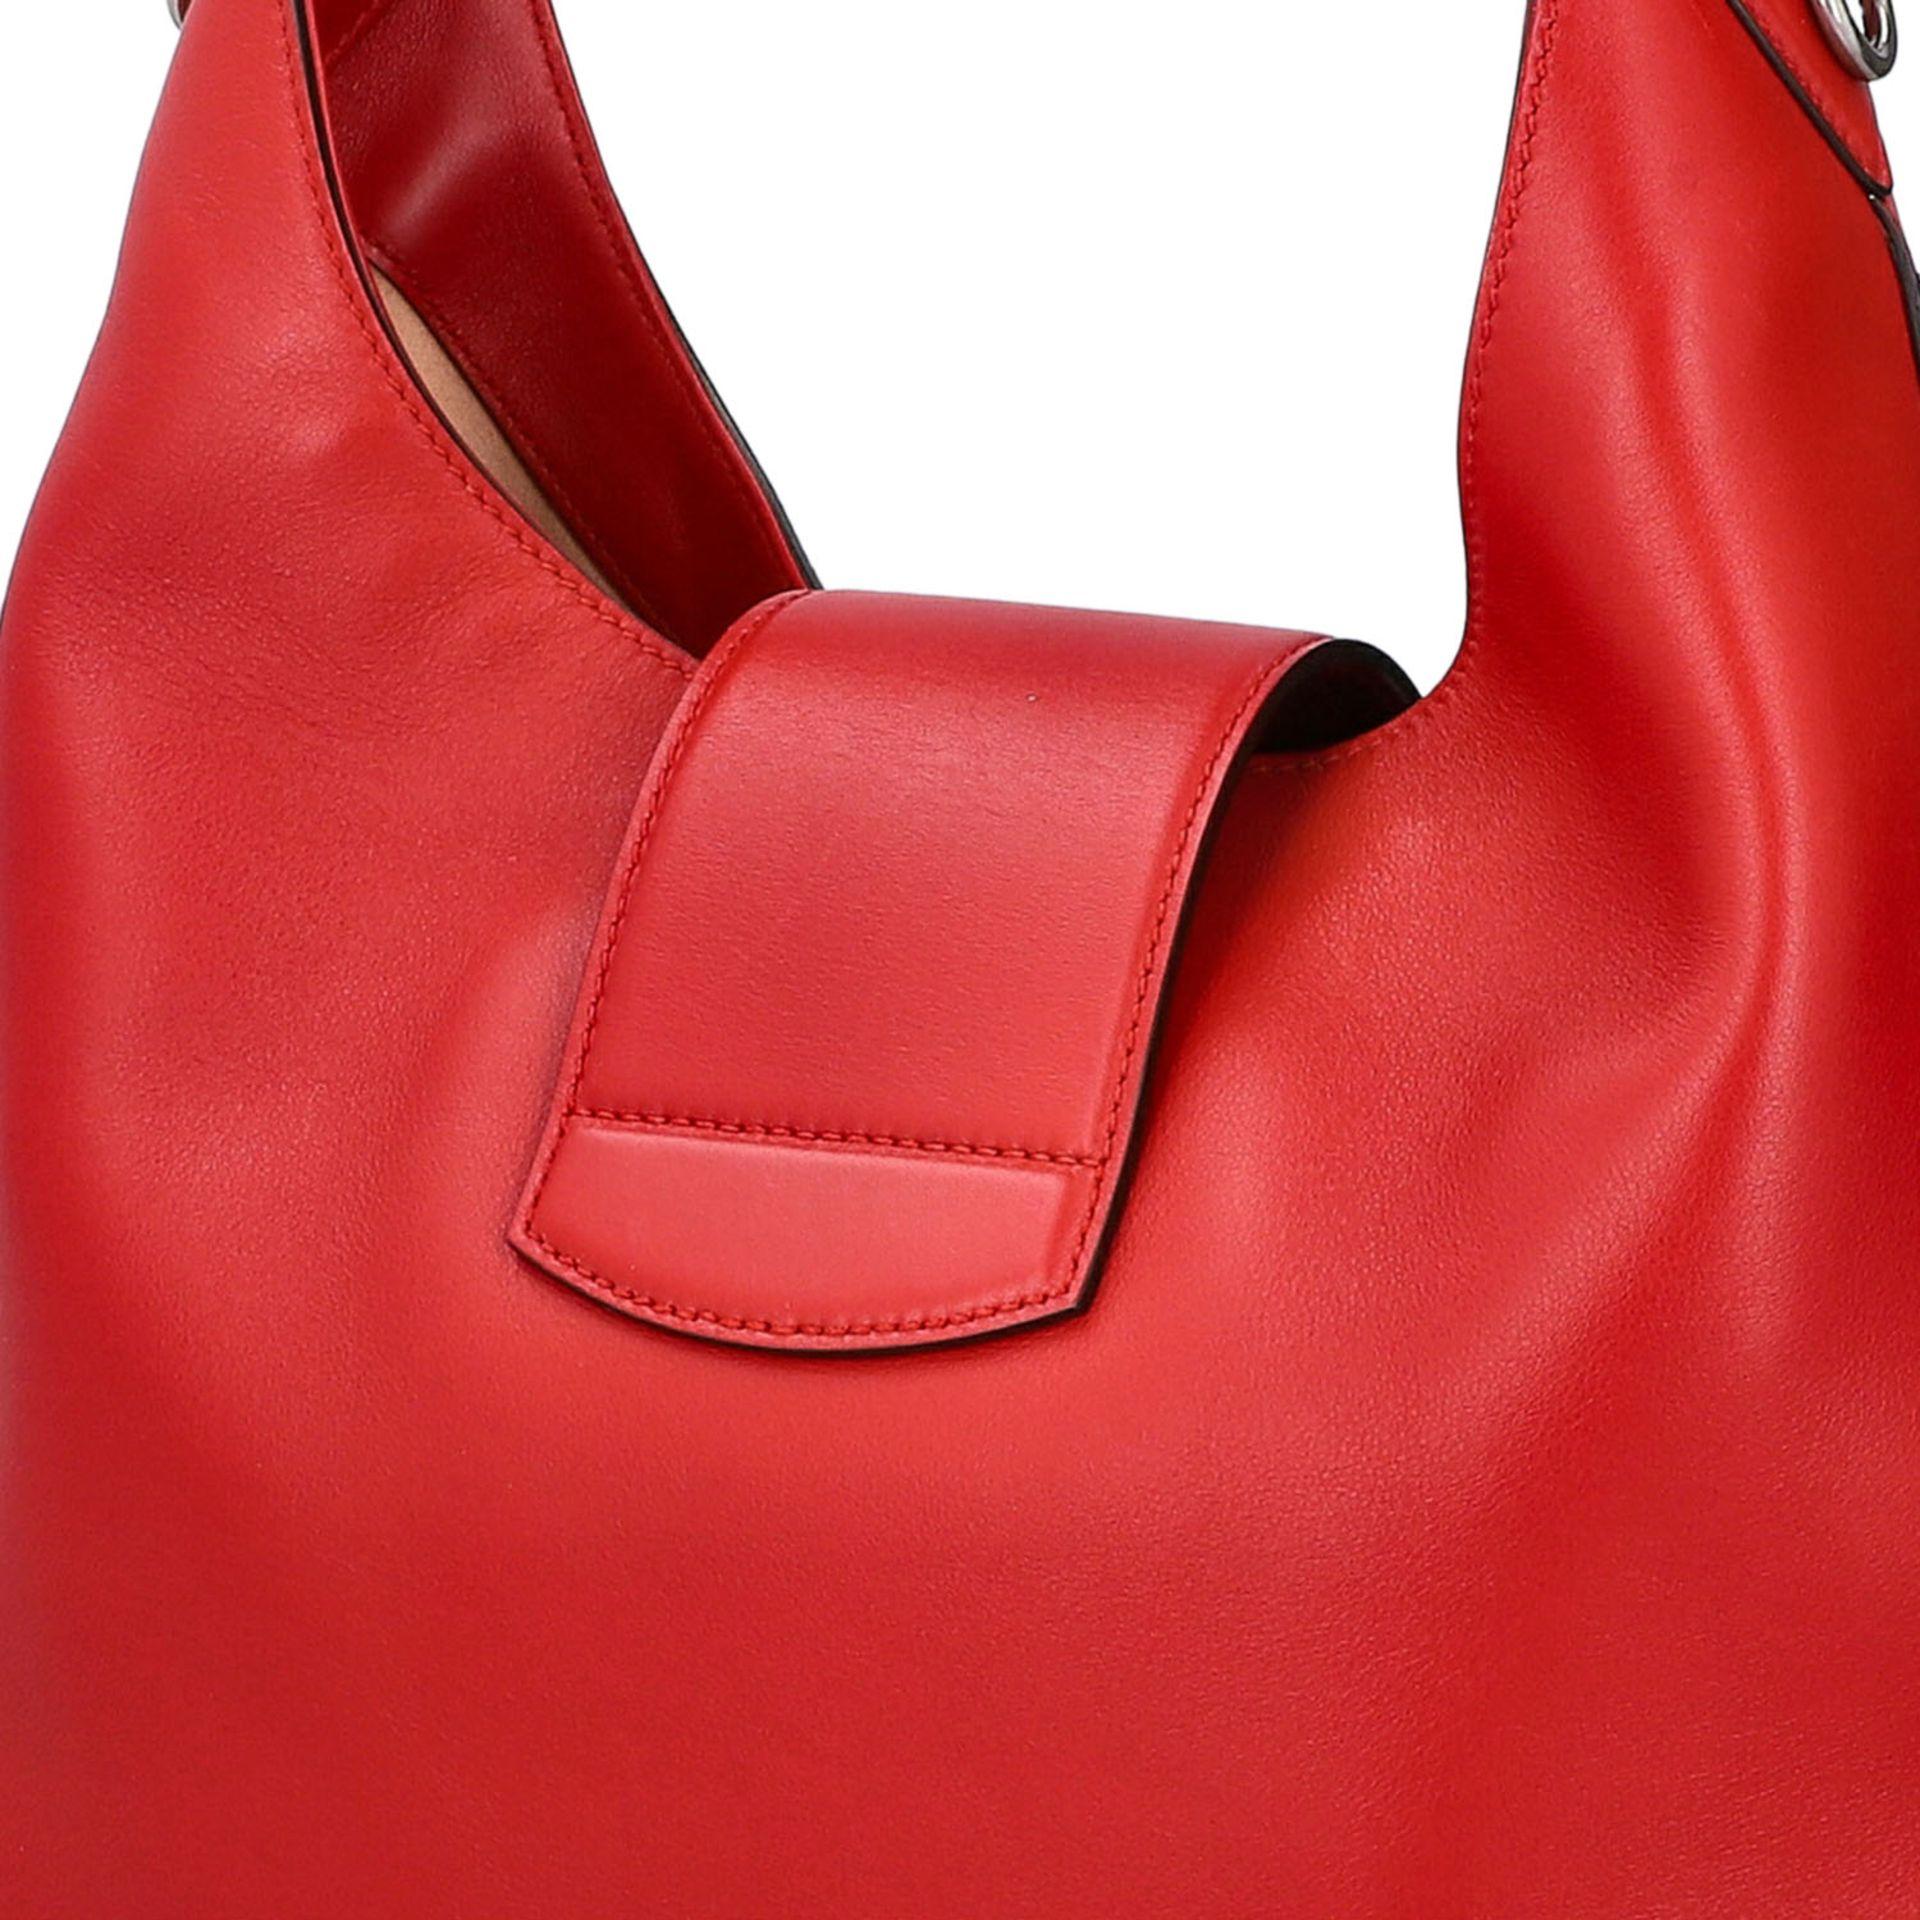 """GUCCI Hobobag """"DIONYSUS NERO"""".Feines Glattleder in Rot mit silberfarbener Hardware, Lasche mit - Bild 7 aus 8"""